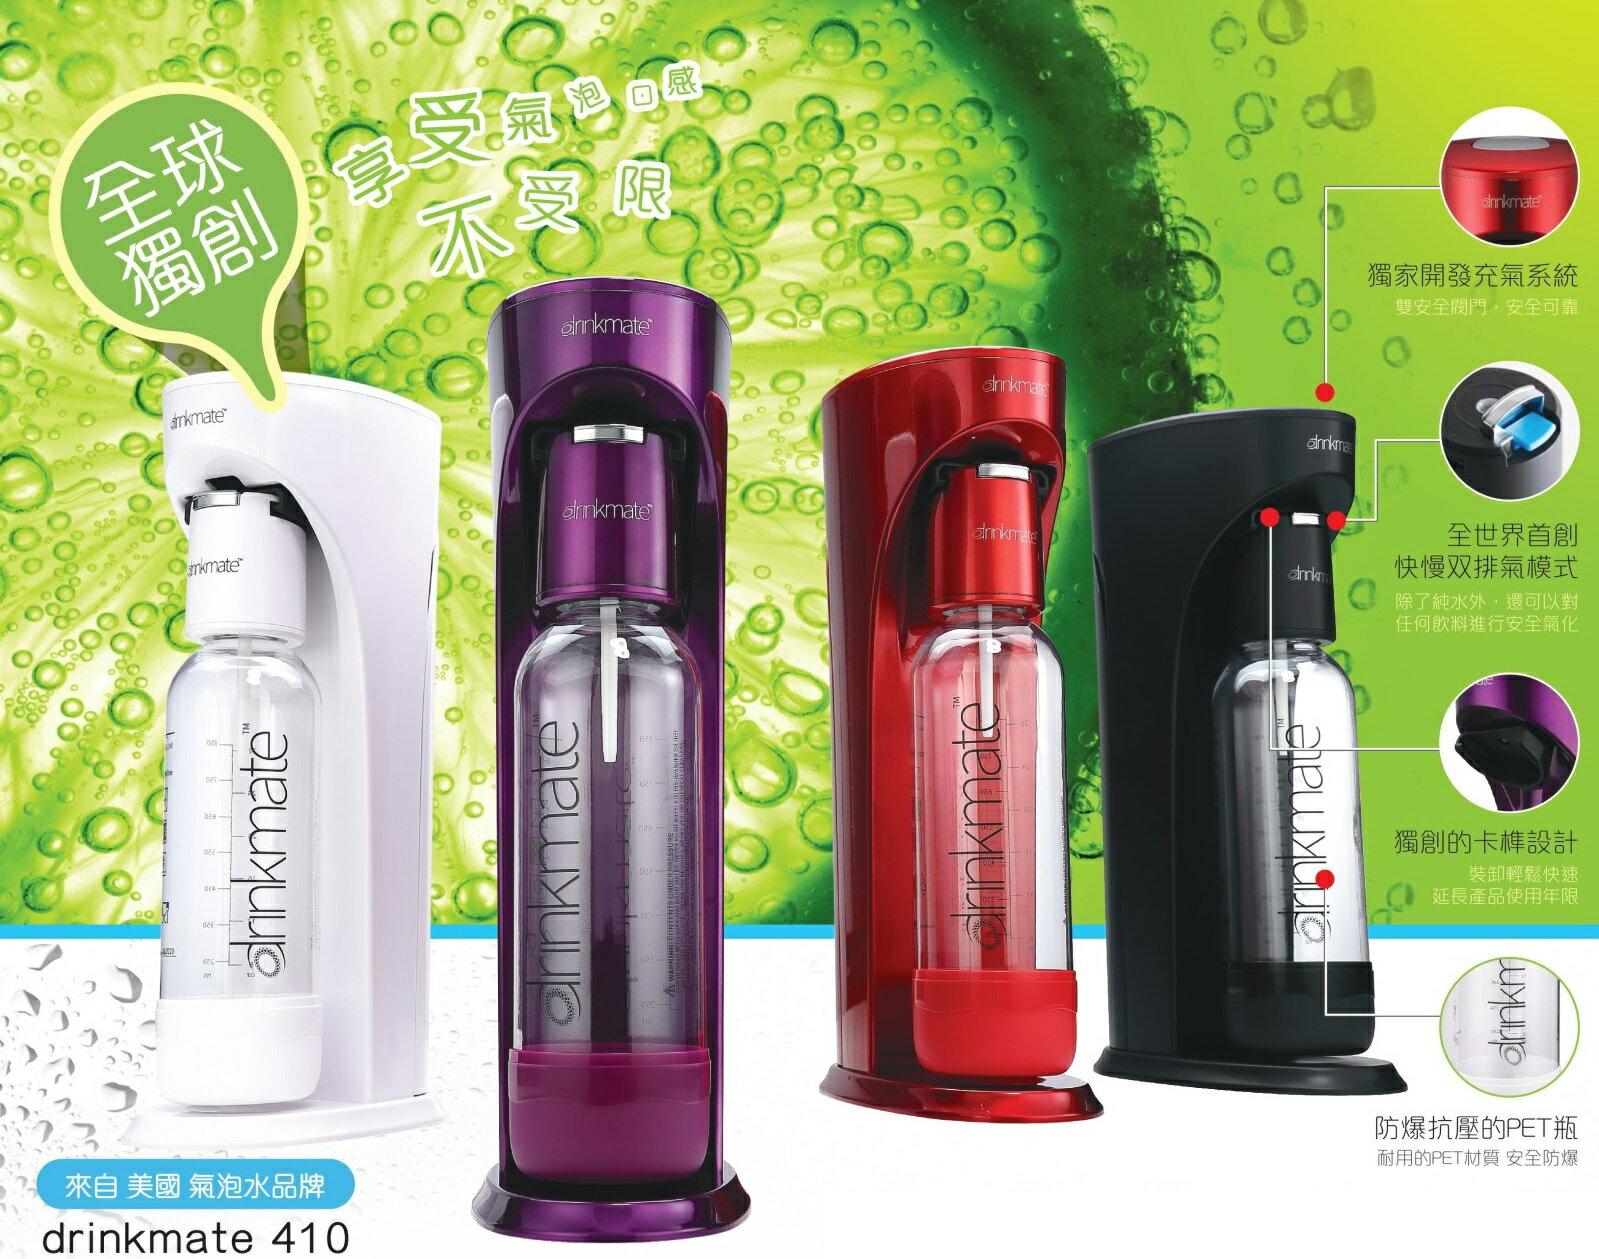 【母親節特惠】【美國 Drinkmate】iSODA 410 氣泡水機 / 汽泡機 / 氣泡機 (高貴黑/珍珠白/冷艷紅/奢華紫)